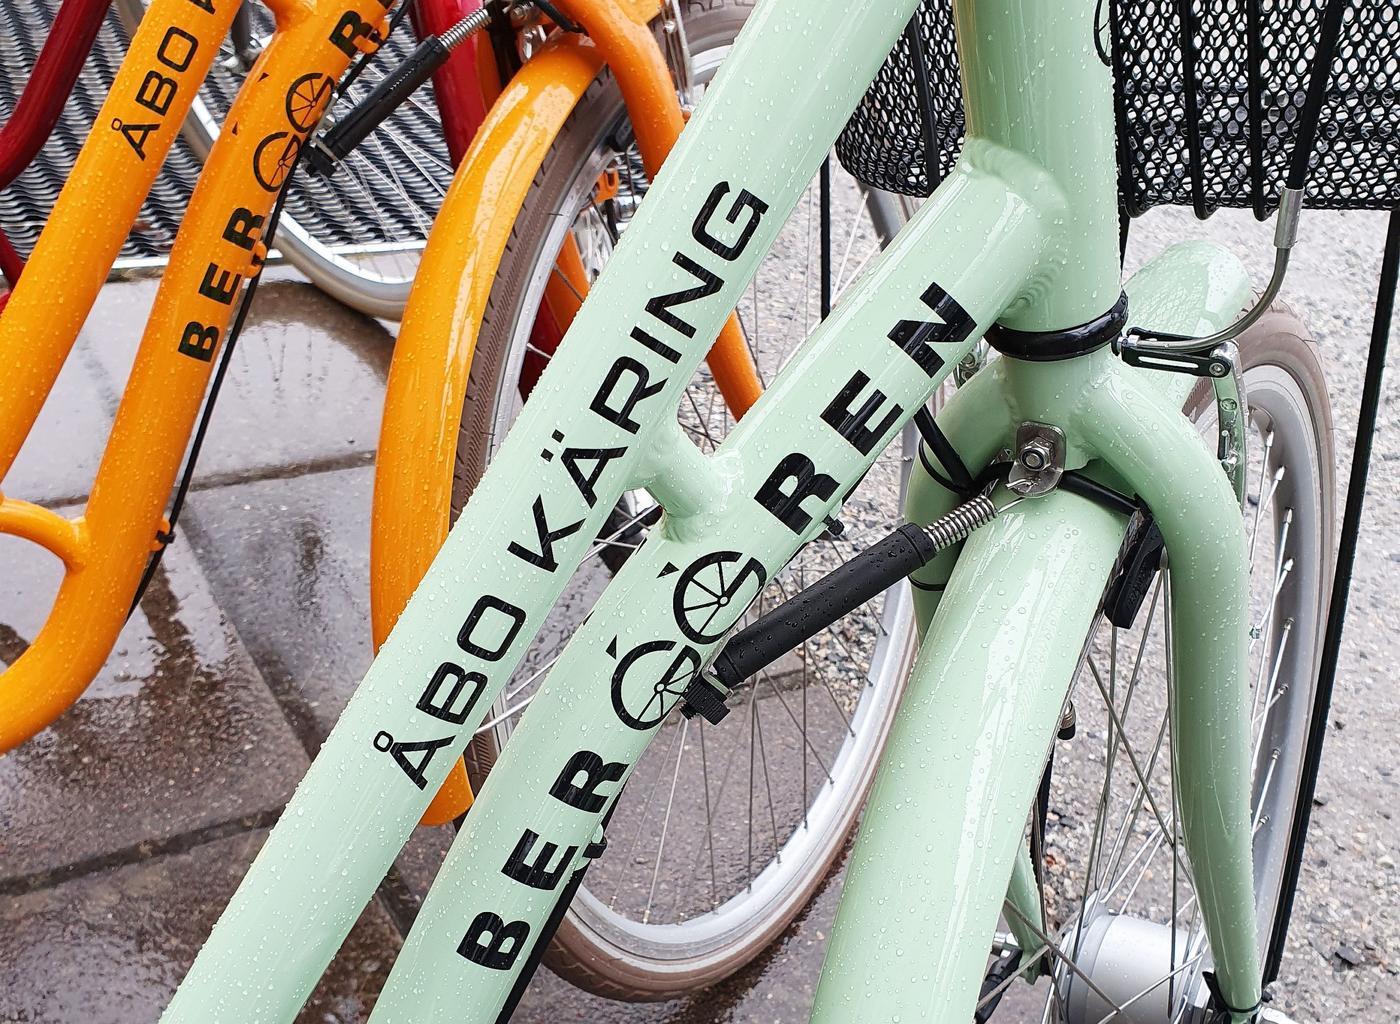 Detaljbild från en mintgrön cykel.